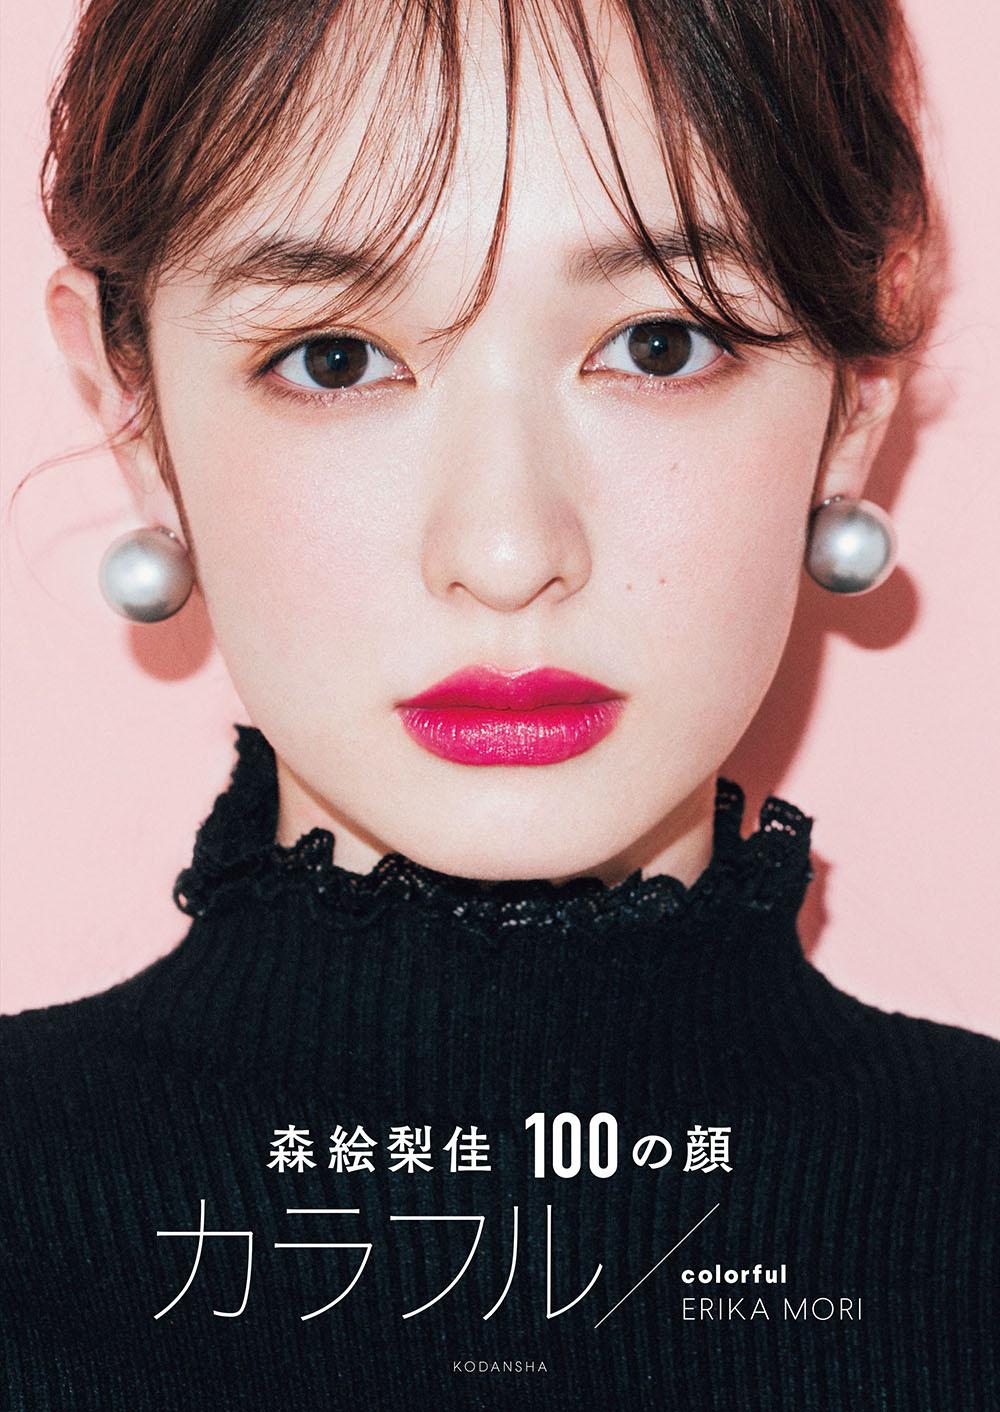 変幻自在!ビューティモデル界の女王・森絵梨佳が見せる「100の顔」サムネイル画像